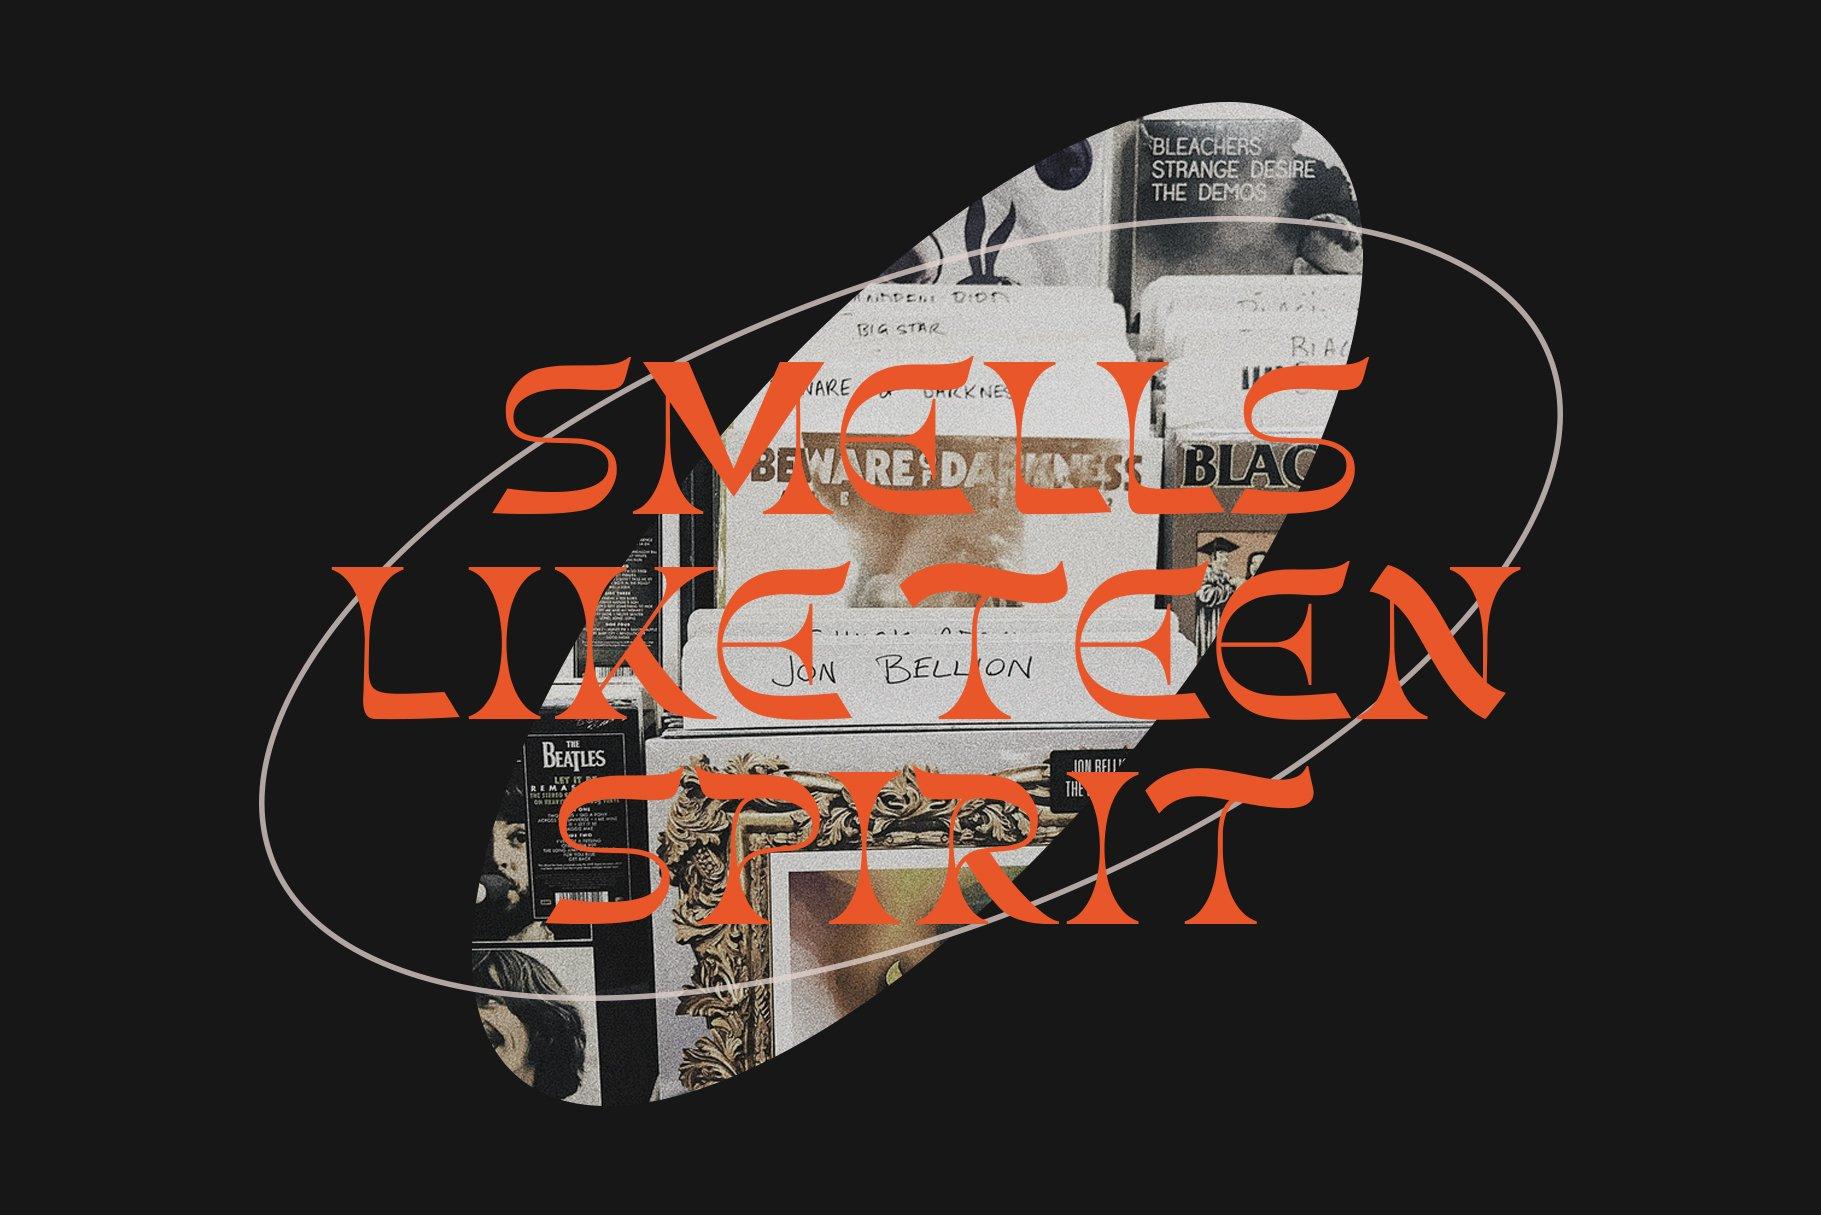 [单独购买] 潮流复古酸性艺术海报杂志Logo标题英文字体设计素材 Gunsan Font Duo插图8